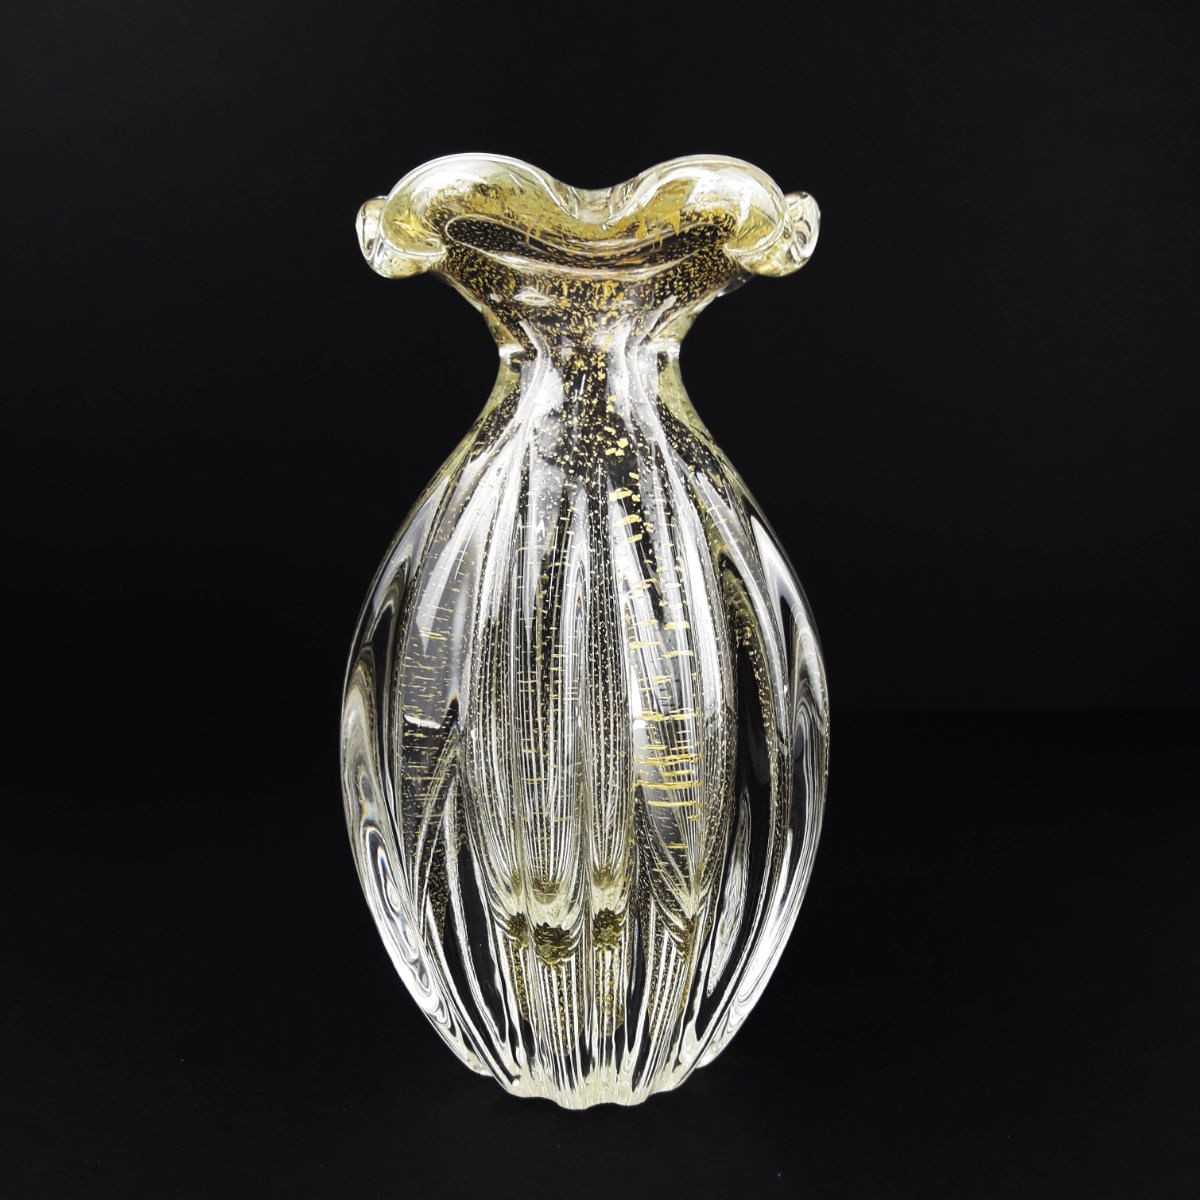 Vaso de Murano Trouxinha com Ouro São Marcos - Cristal Transparente 18cm